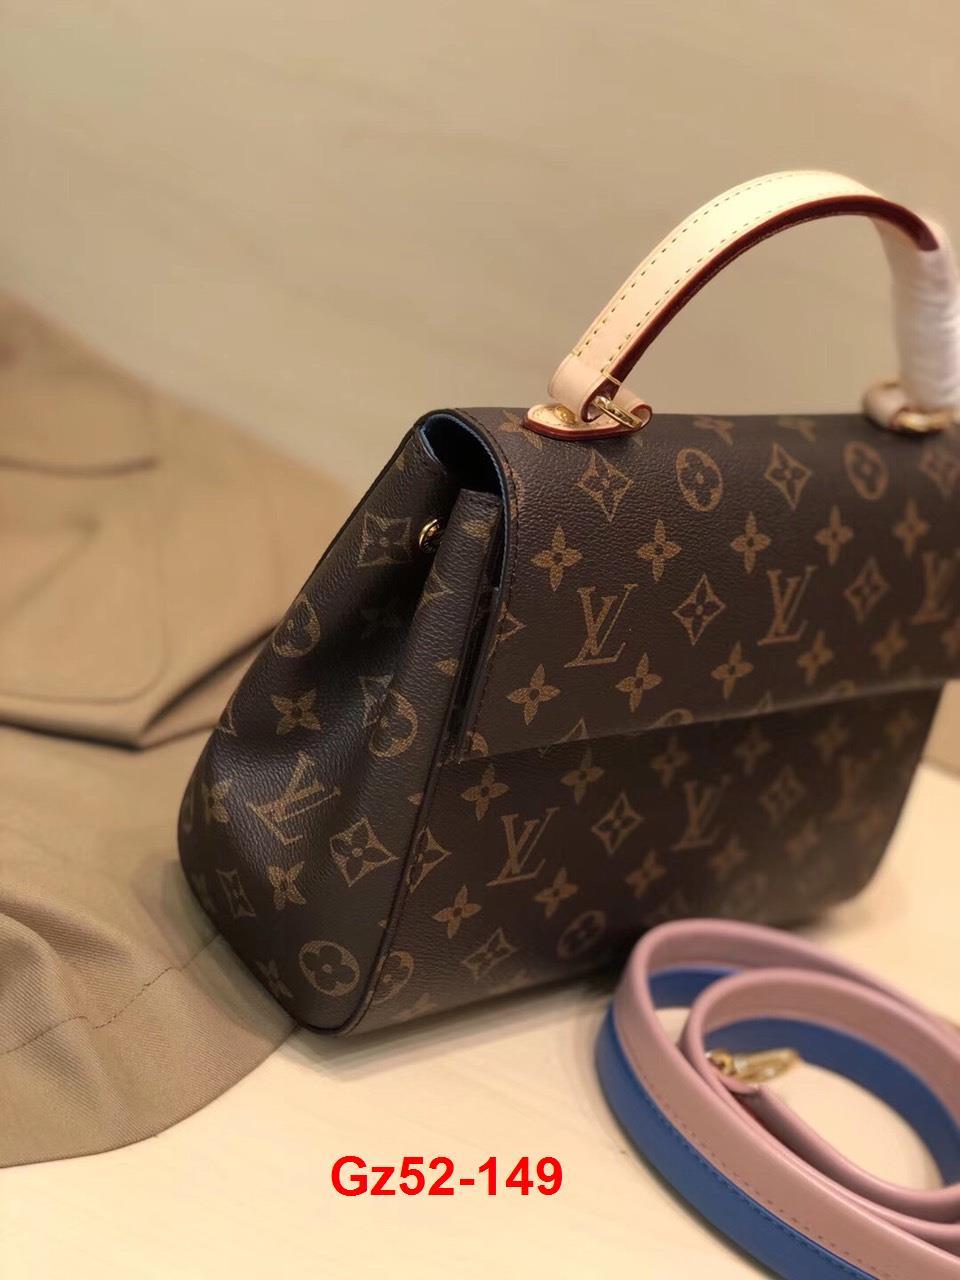 Gz52-149 Louis Vuitton túi size 28cm siêu cấp